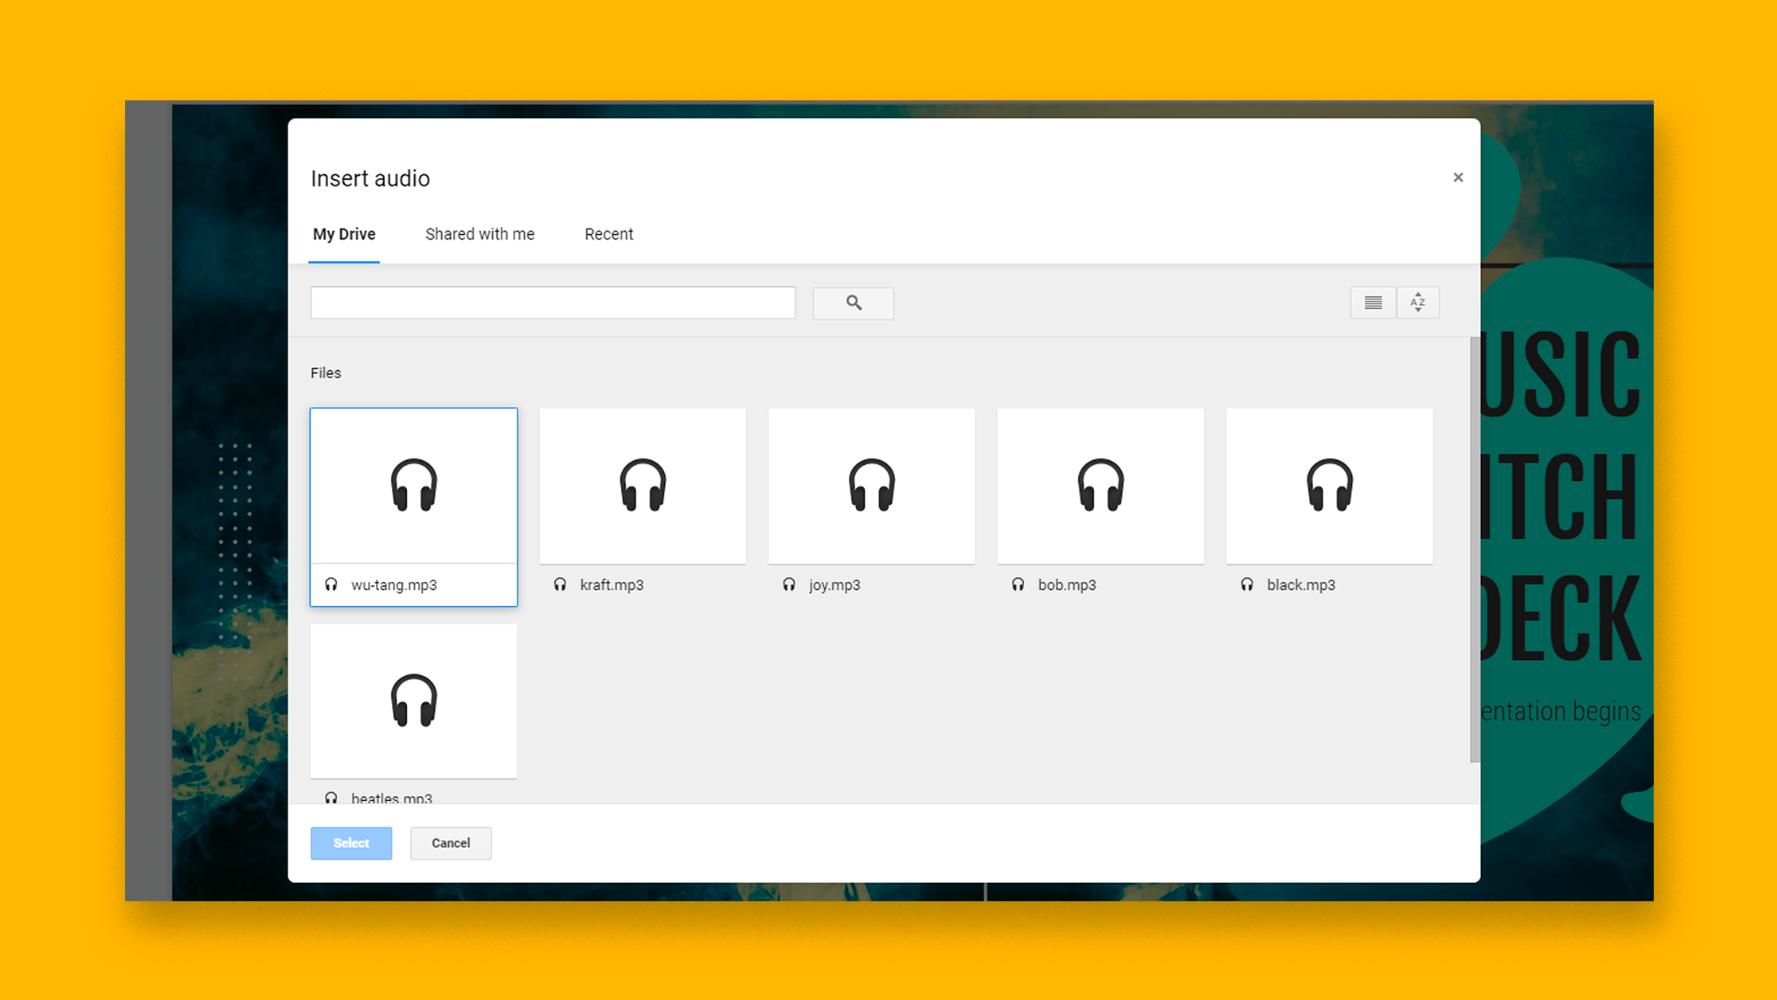 نحوه افزودن و ویرایش صدا یا موسیقی در اسلایدهای Google    نکات سریع و آموزش برای ارائه های خود